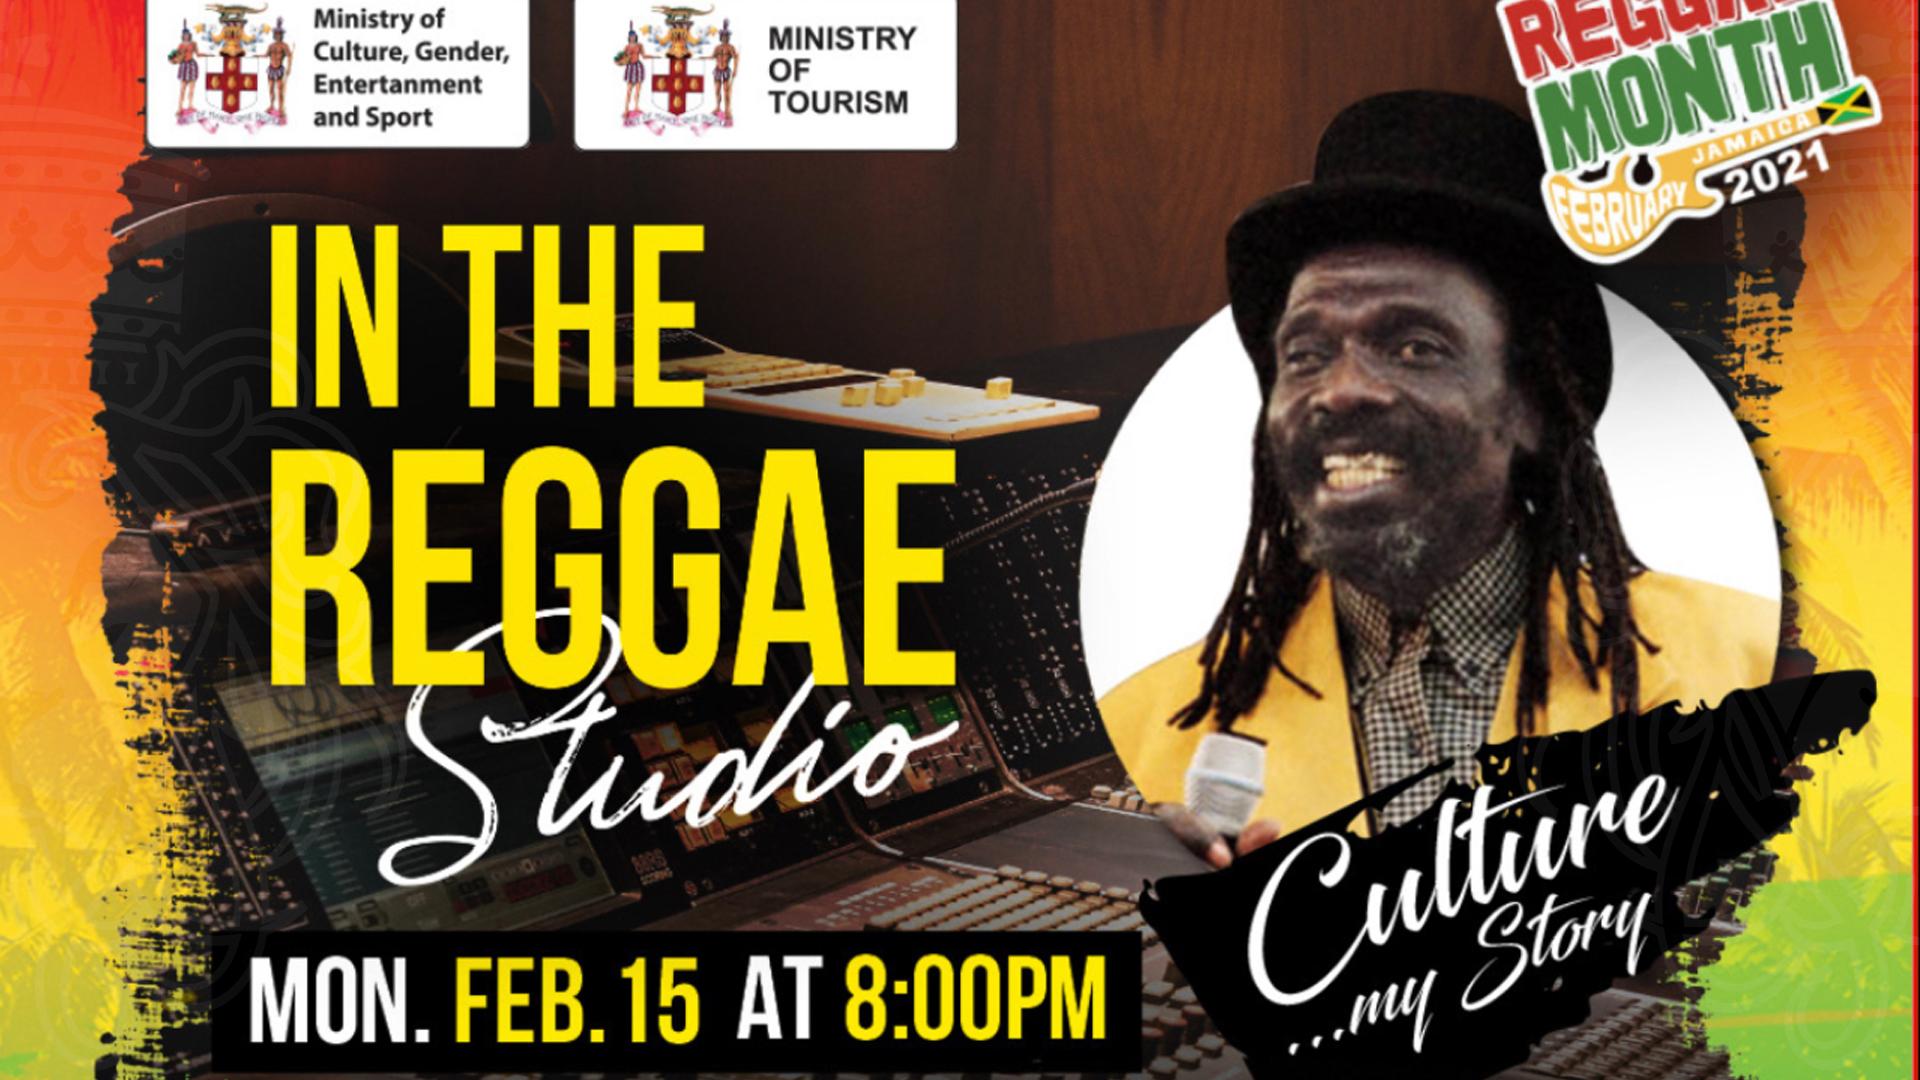 Reggae Month Culture